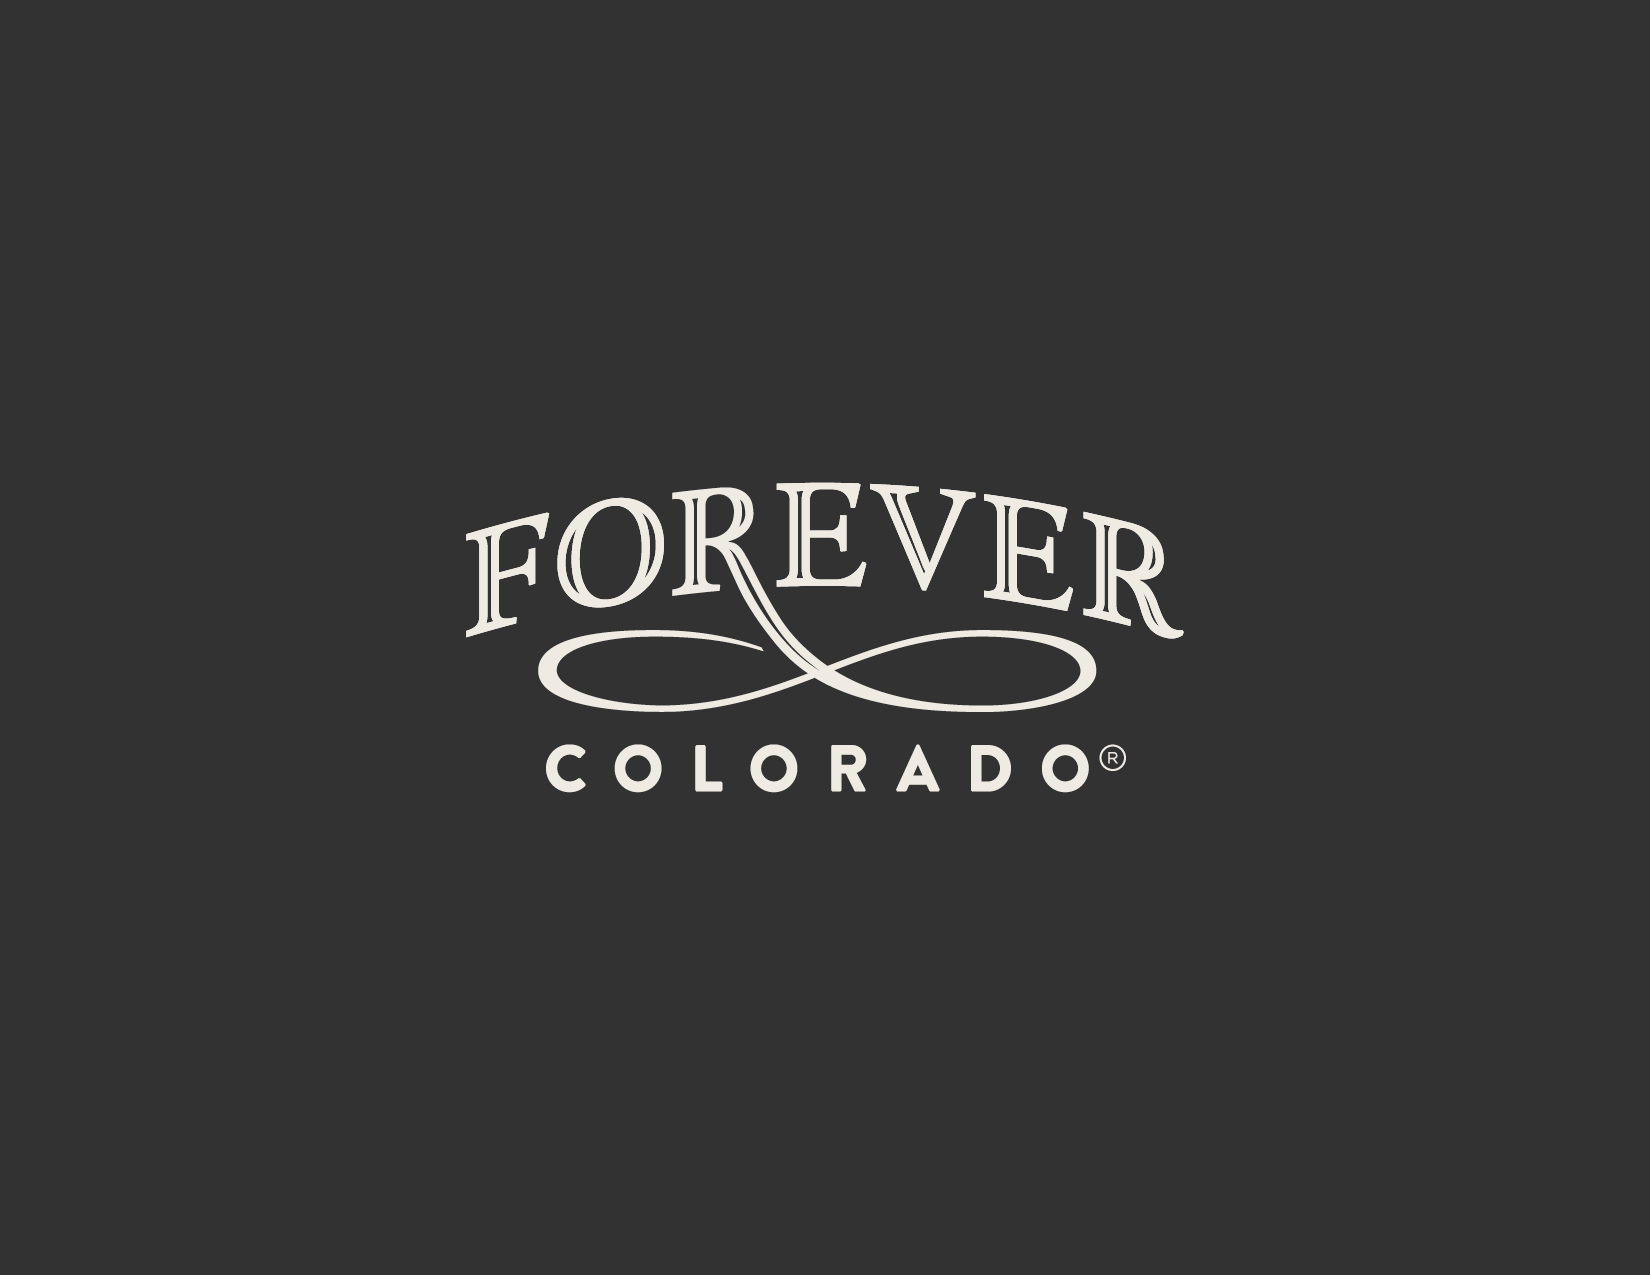 002_ForeverColorado_BrandGuide_v727.jpg